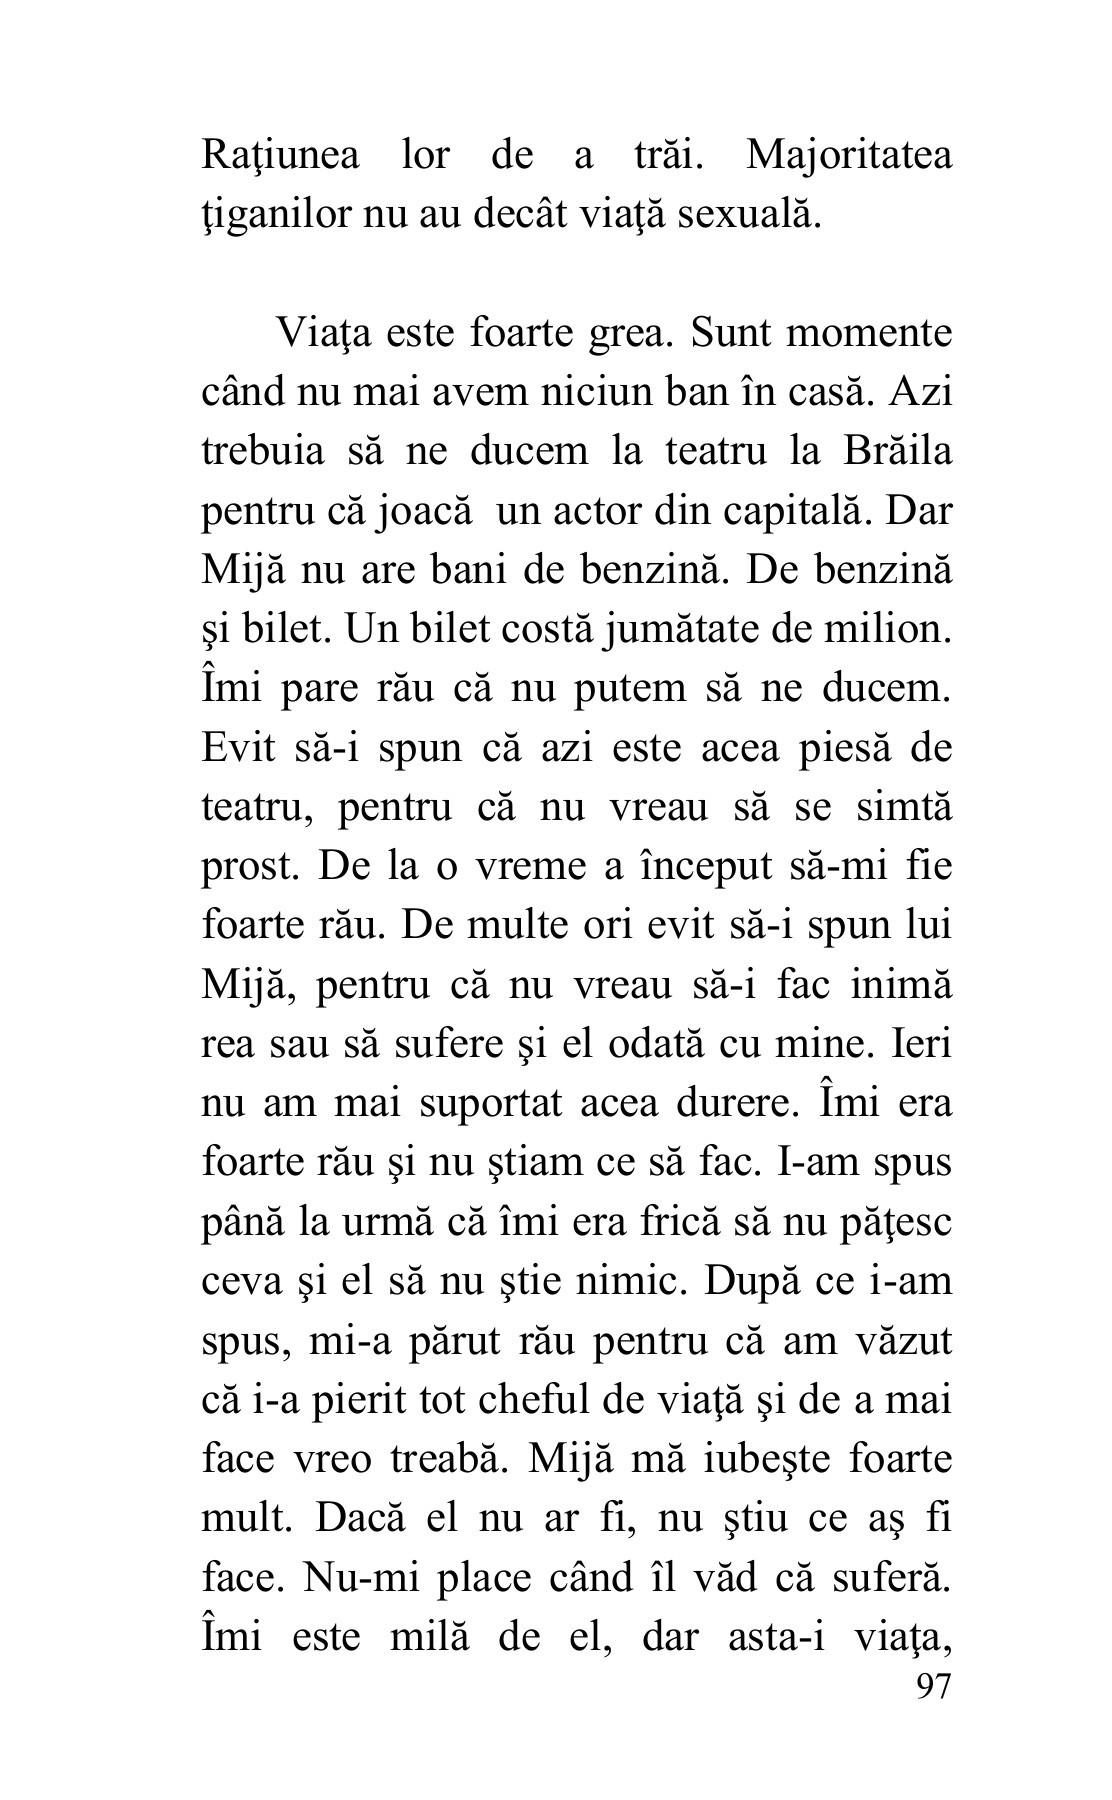 rațiunea penisului moale)